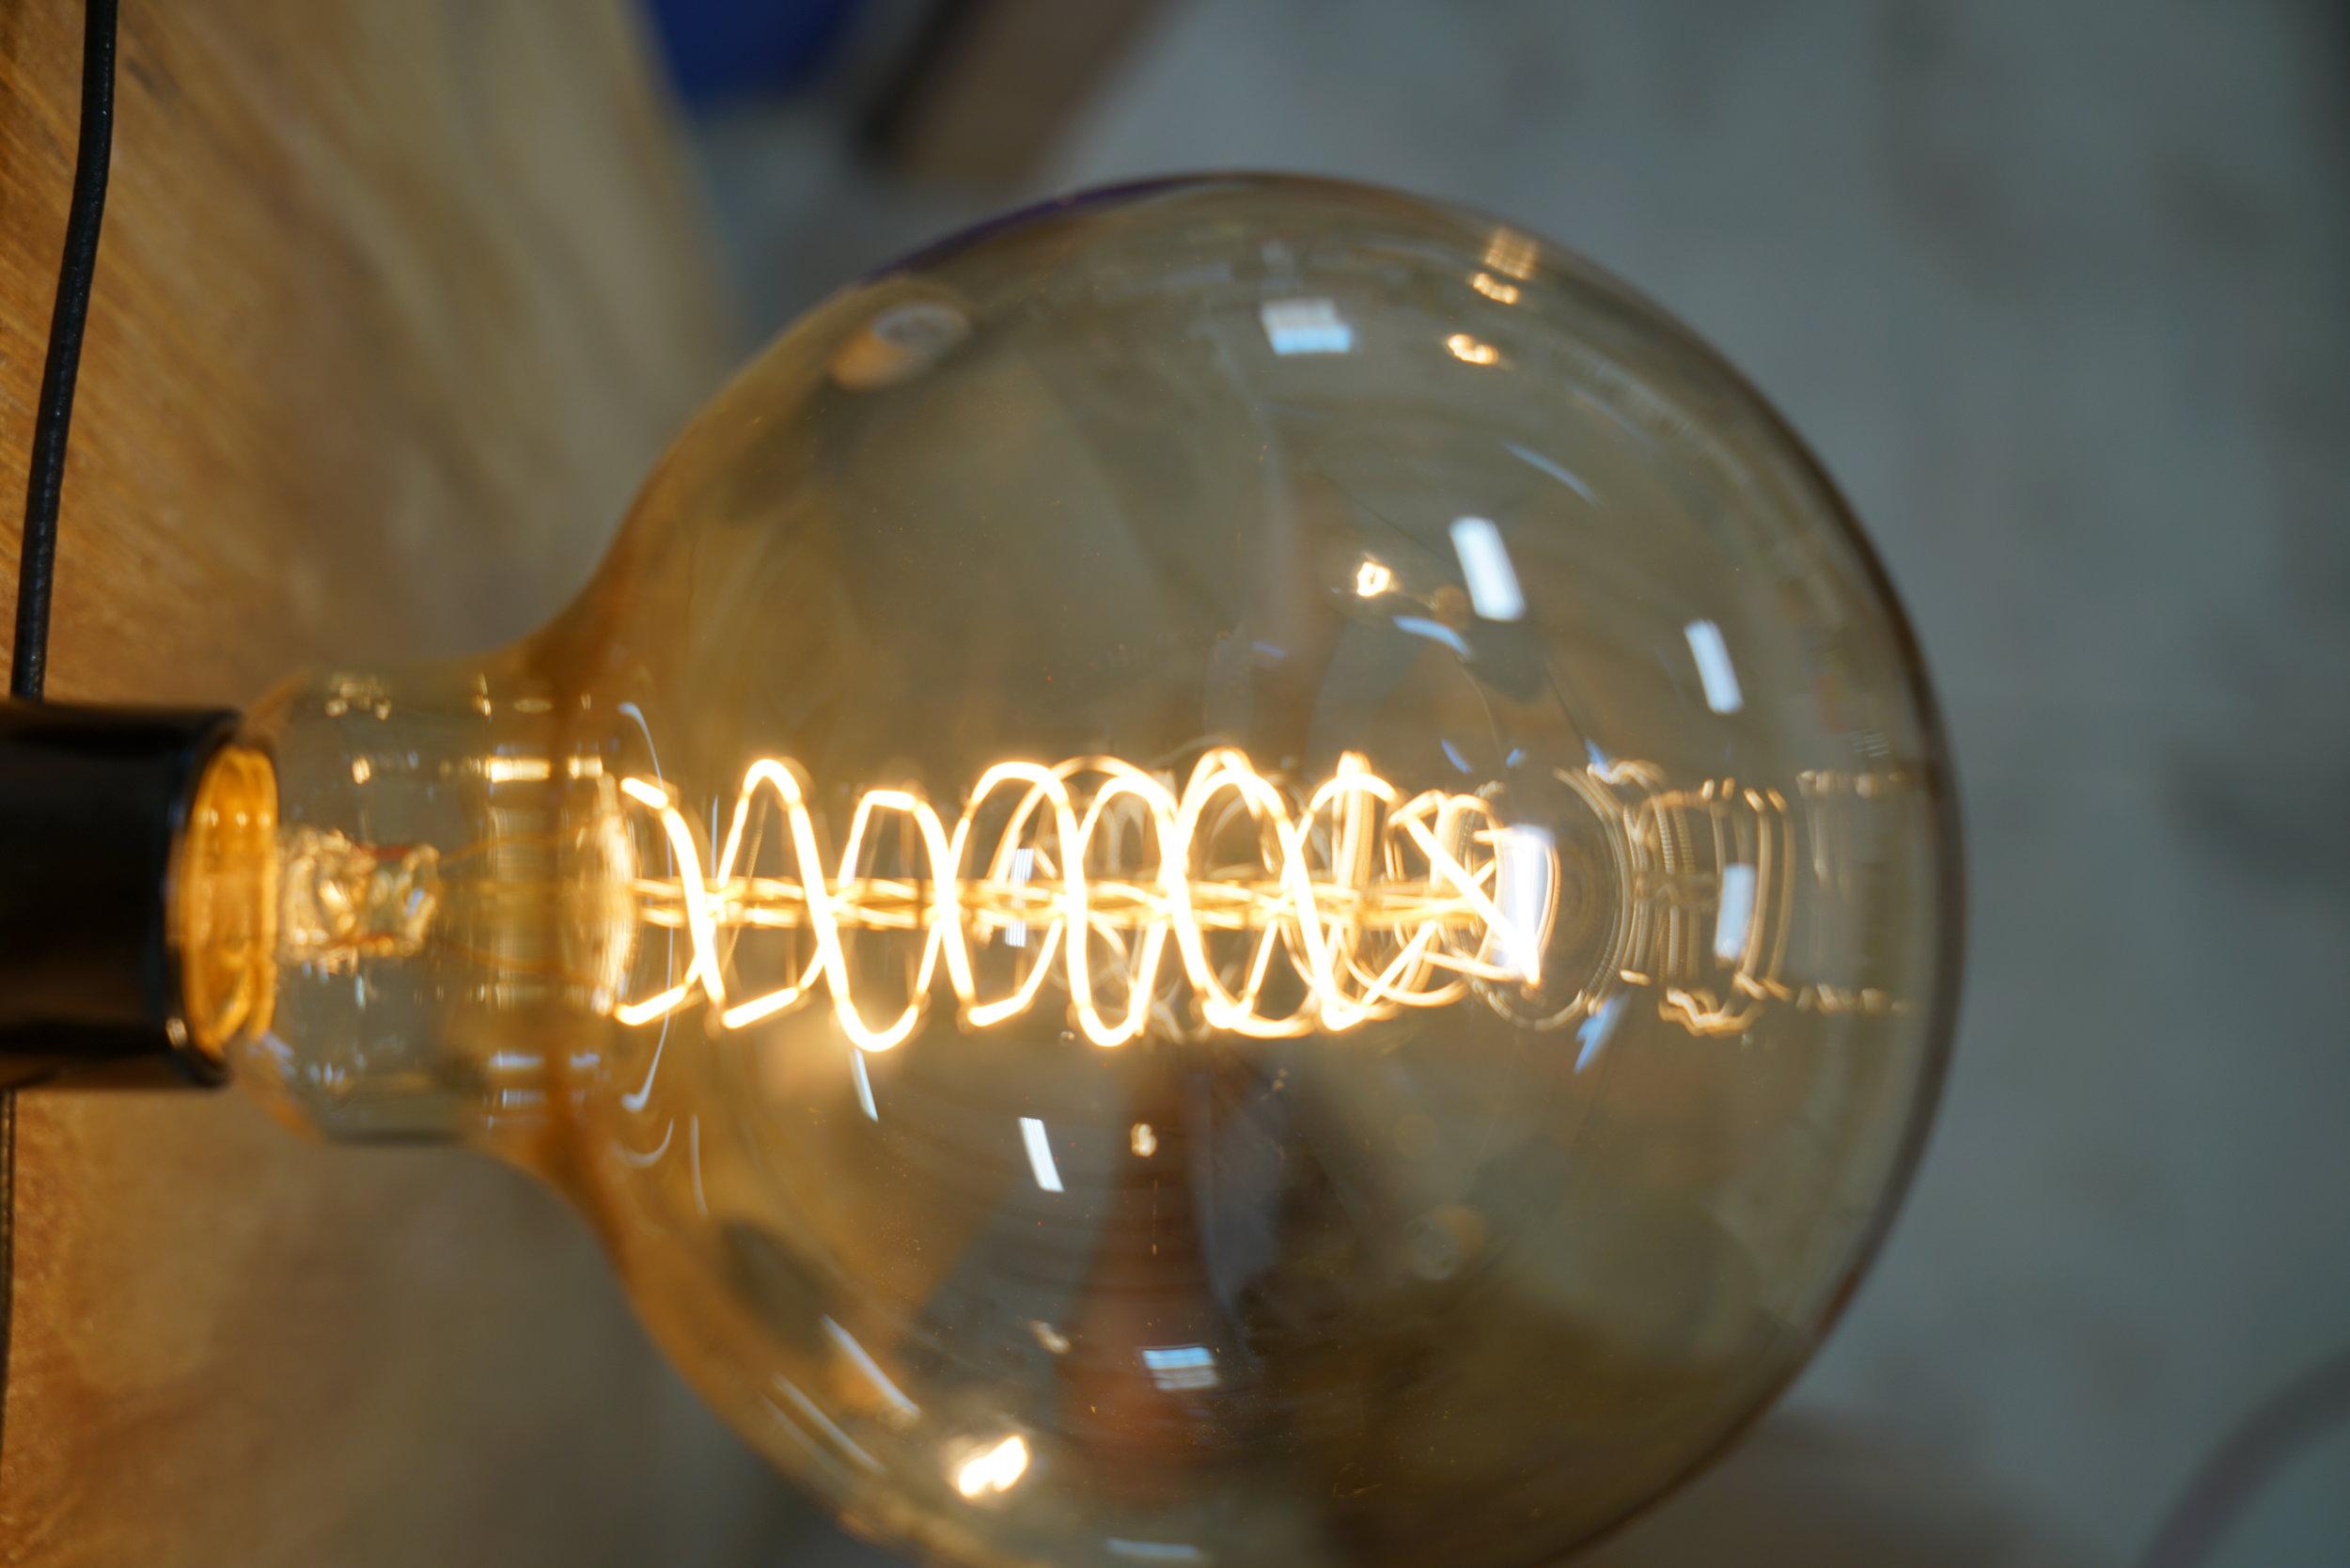 40watt-incandescent-lamp